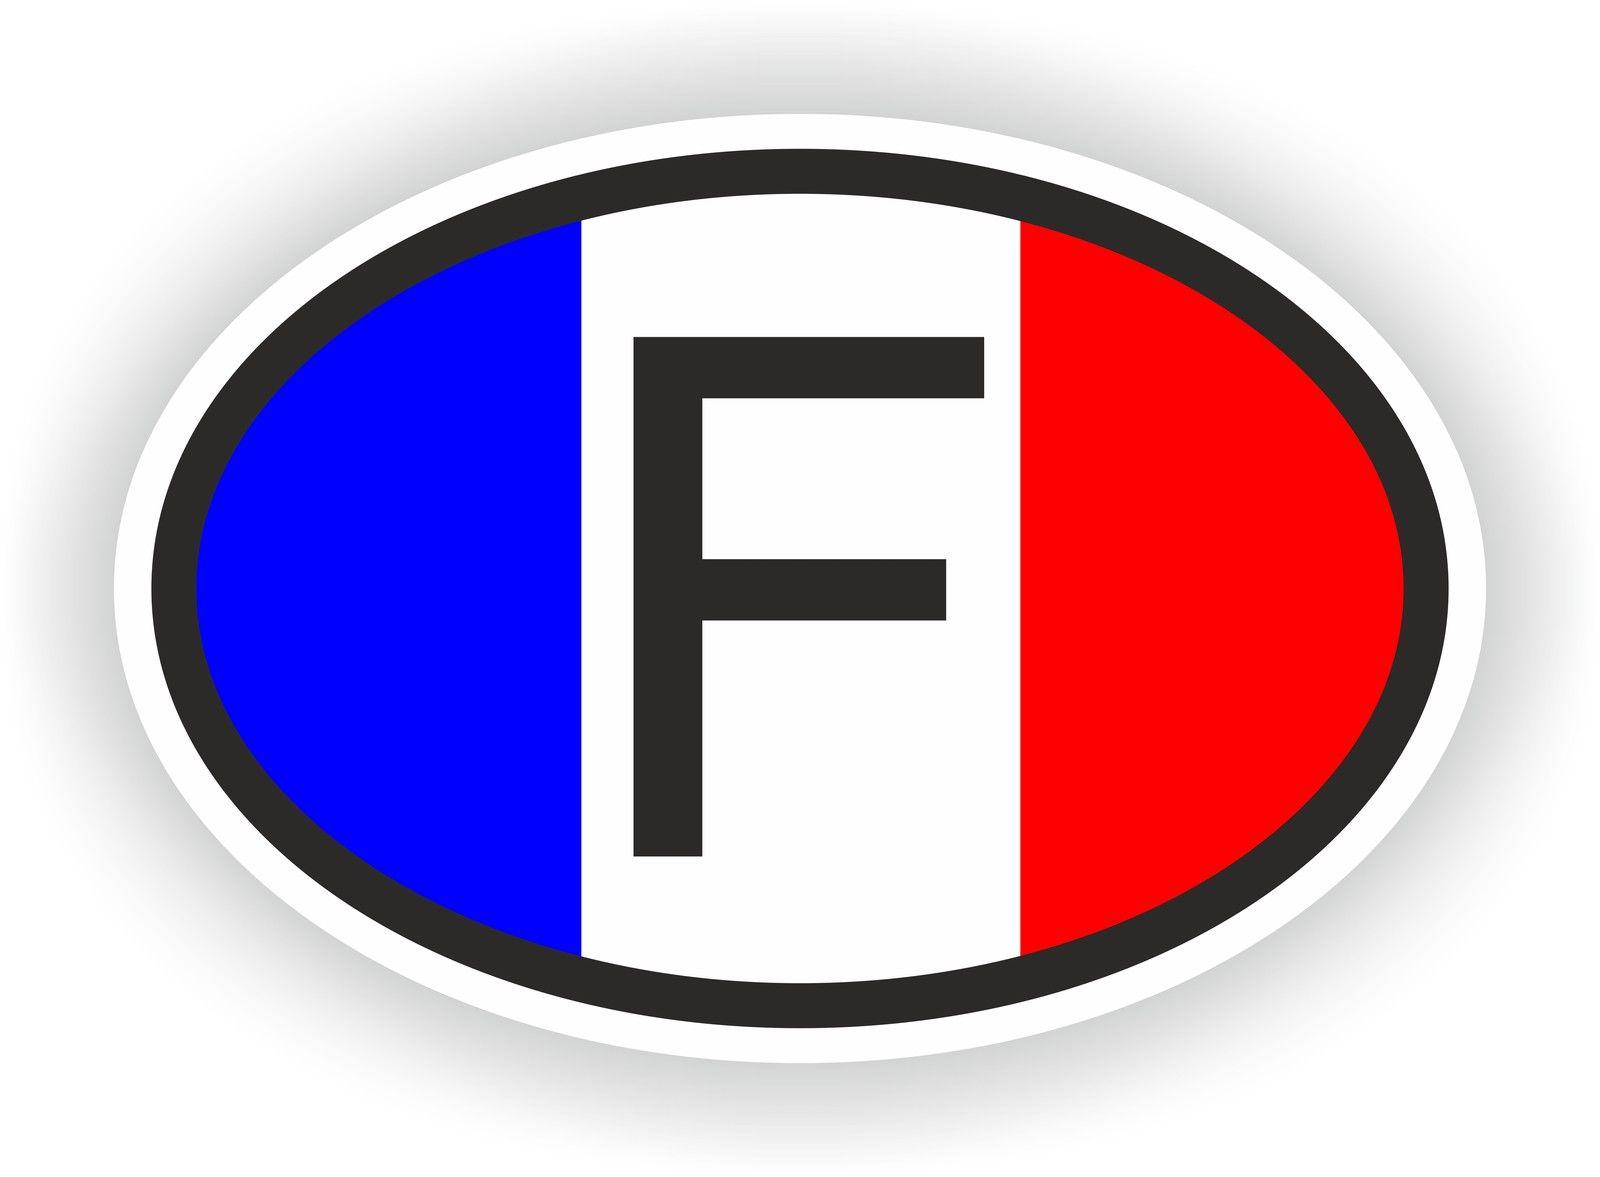 F bleu blanc rouge